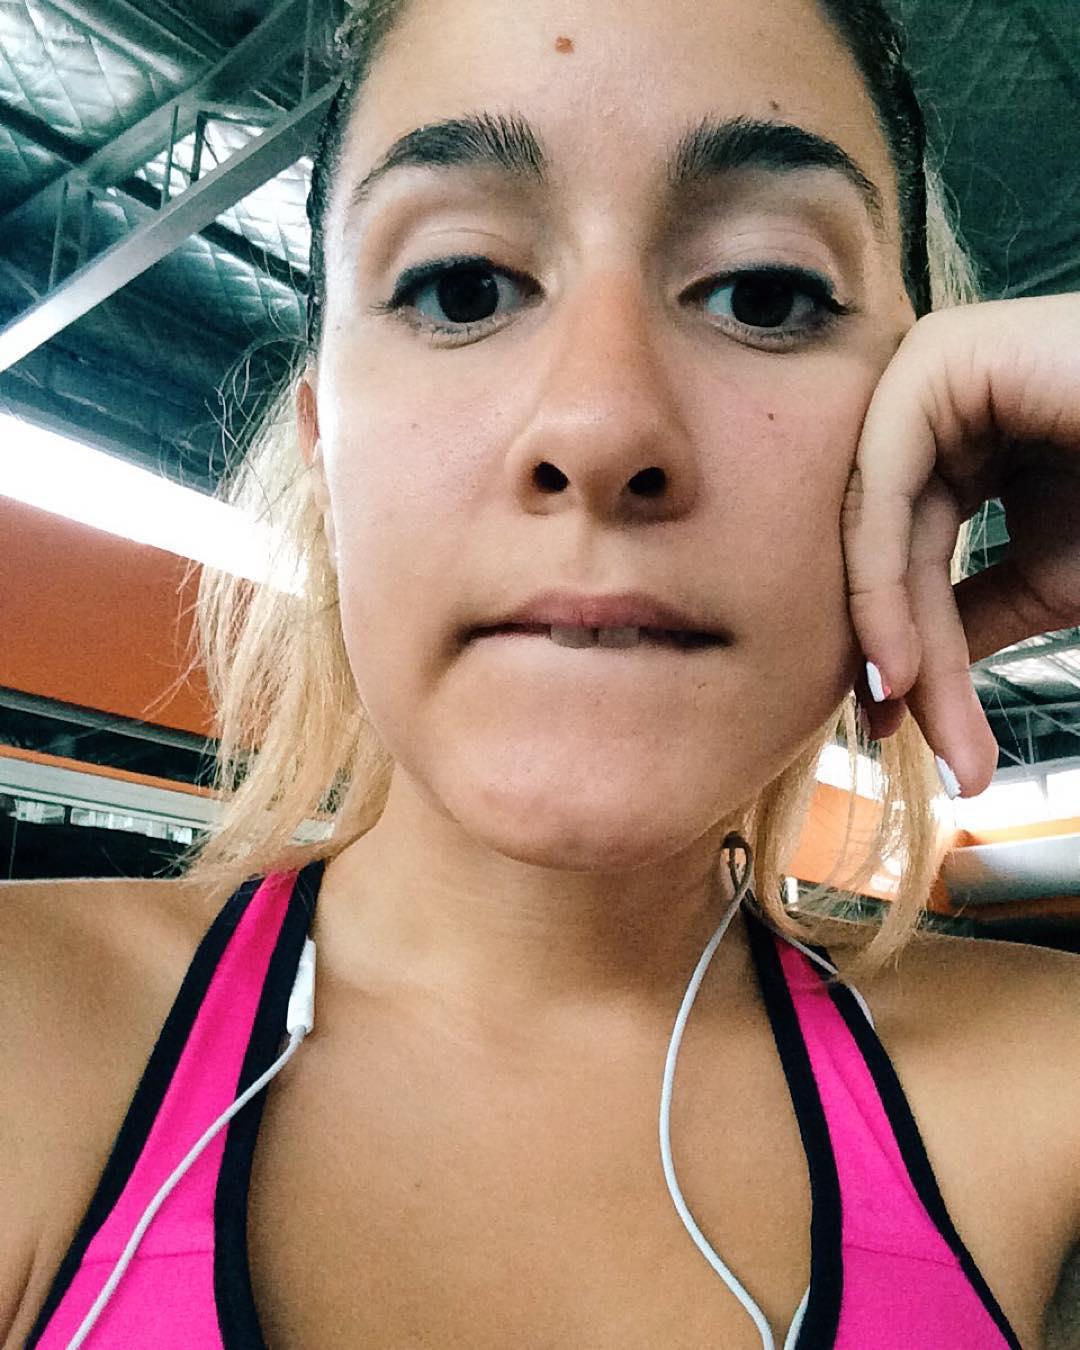 Se corto la luz en el gym y vos tipo... Jajjaa jamas use esa frase pedorra pero que todos tengamos que desalojar el gym... un bajon @megatlon macri devolve la luz #megatlon #gym #fitness #fit #healthy #apple #iphone